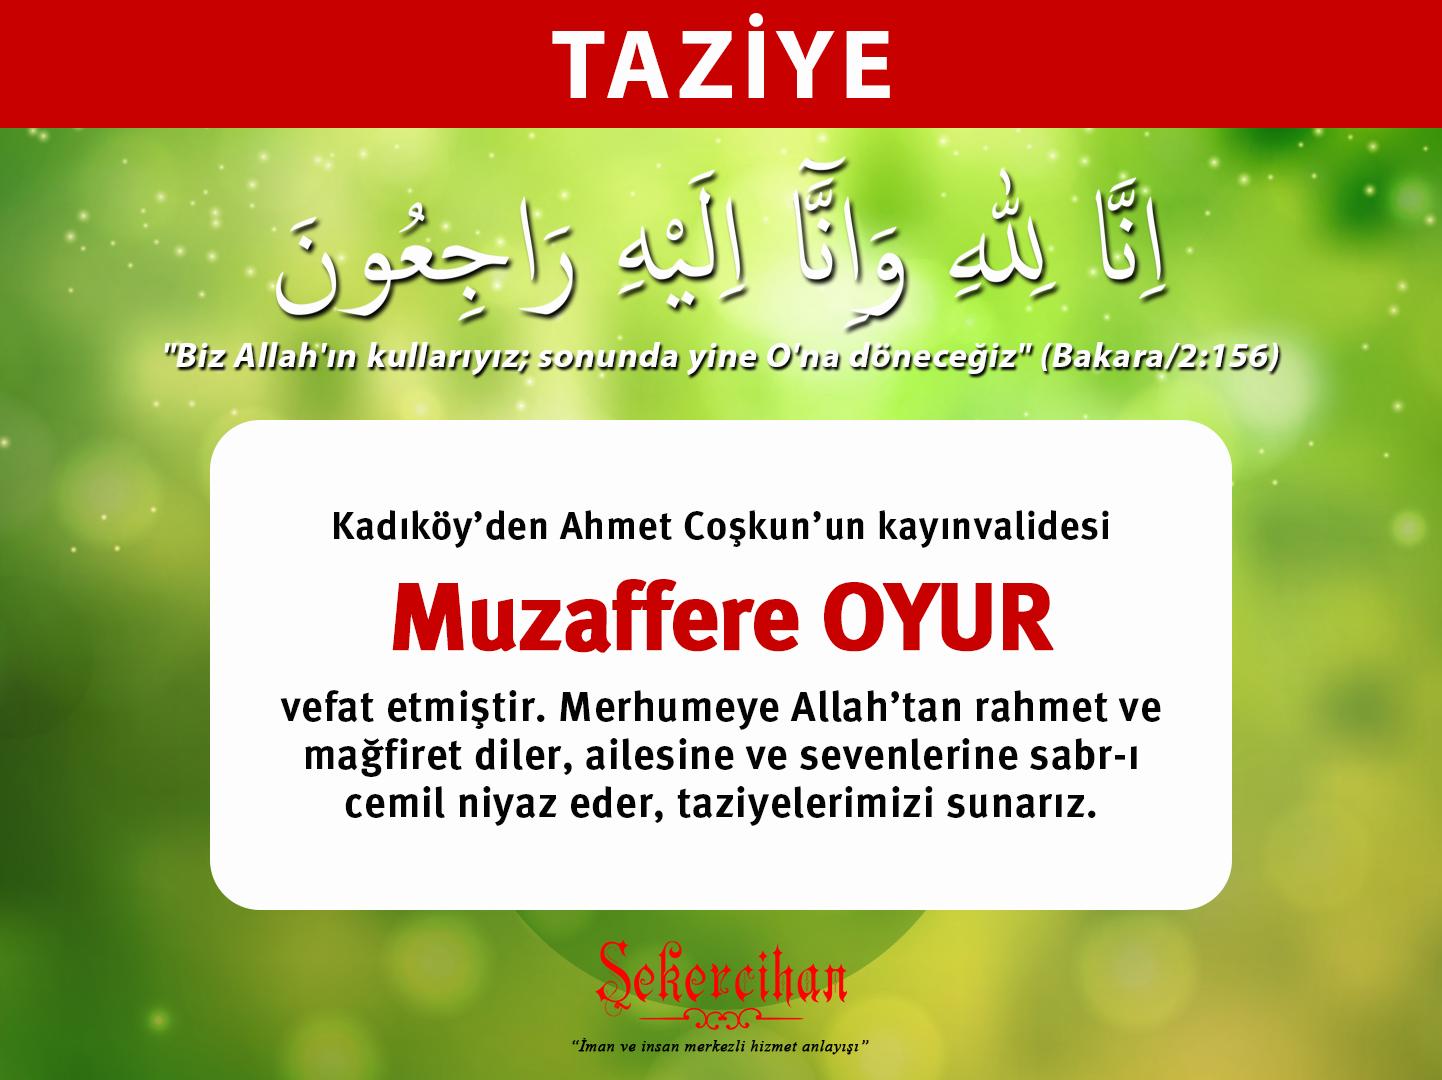 Taziye – Muzaffere Oyur